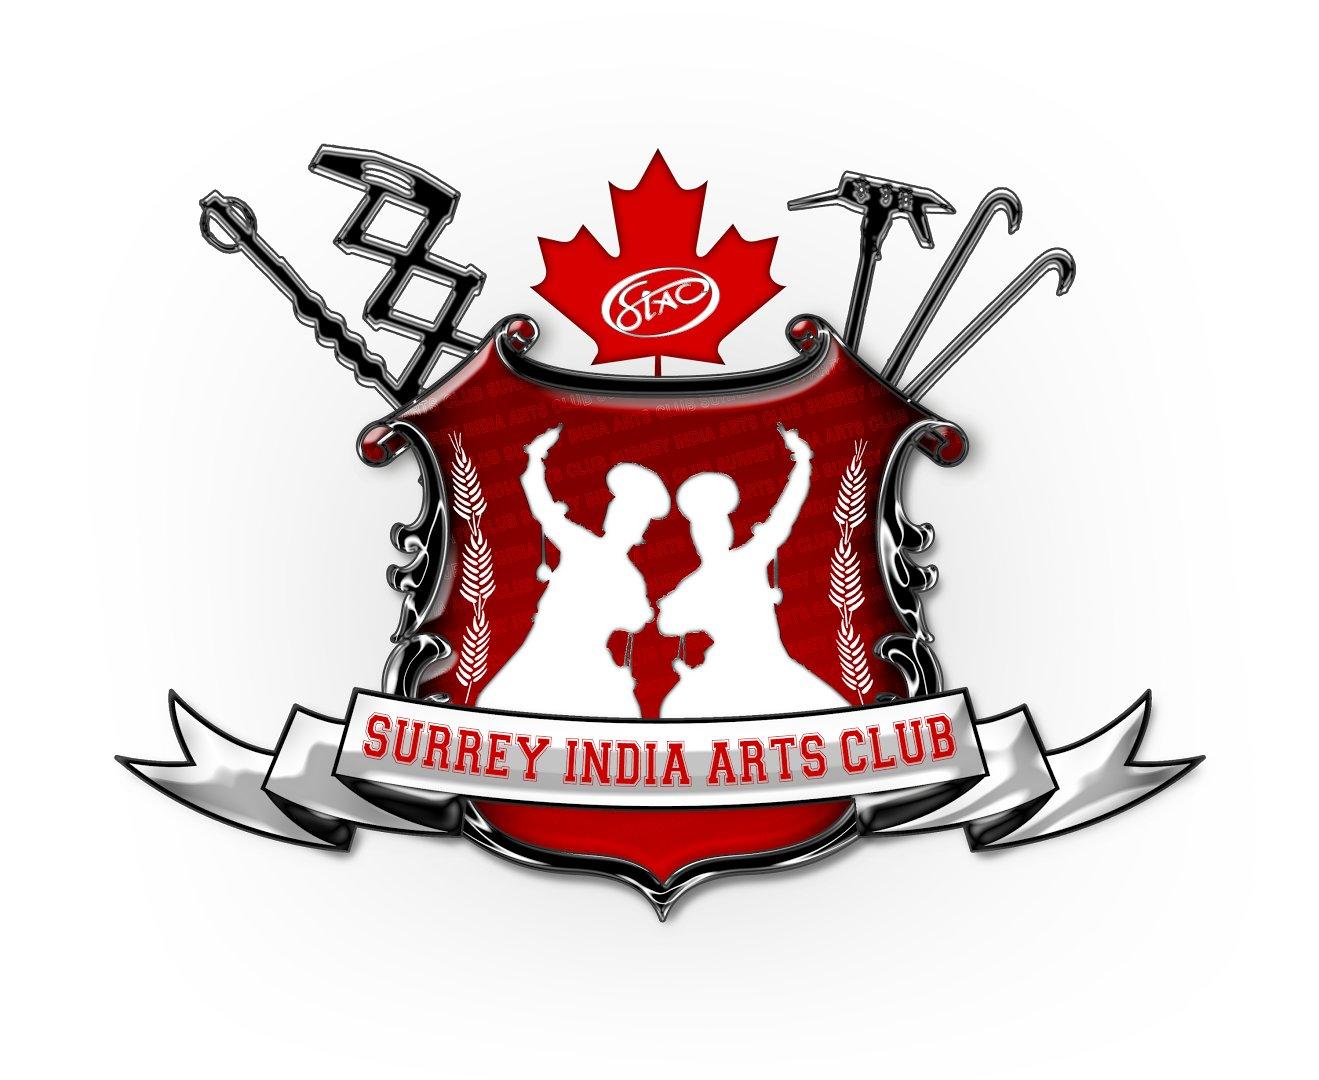 Surrey_India_Arts_Club_(sic)_logo77.jpg